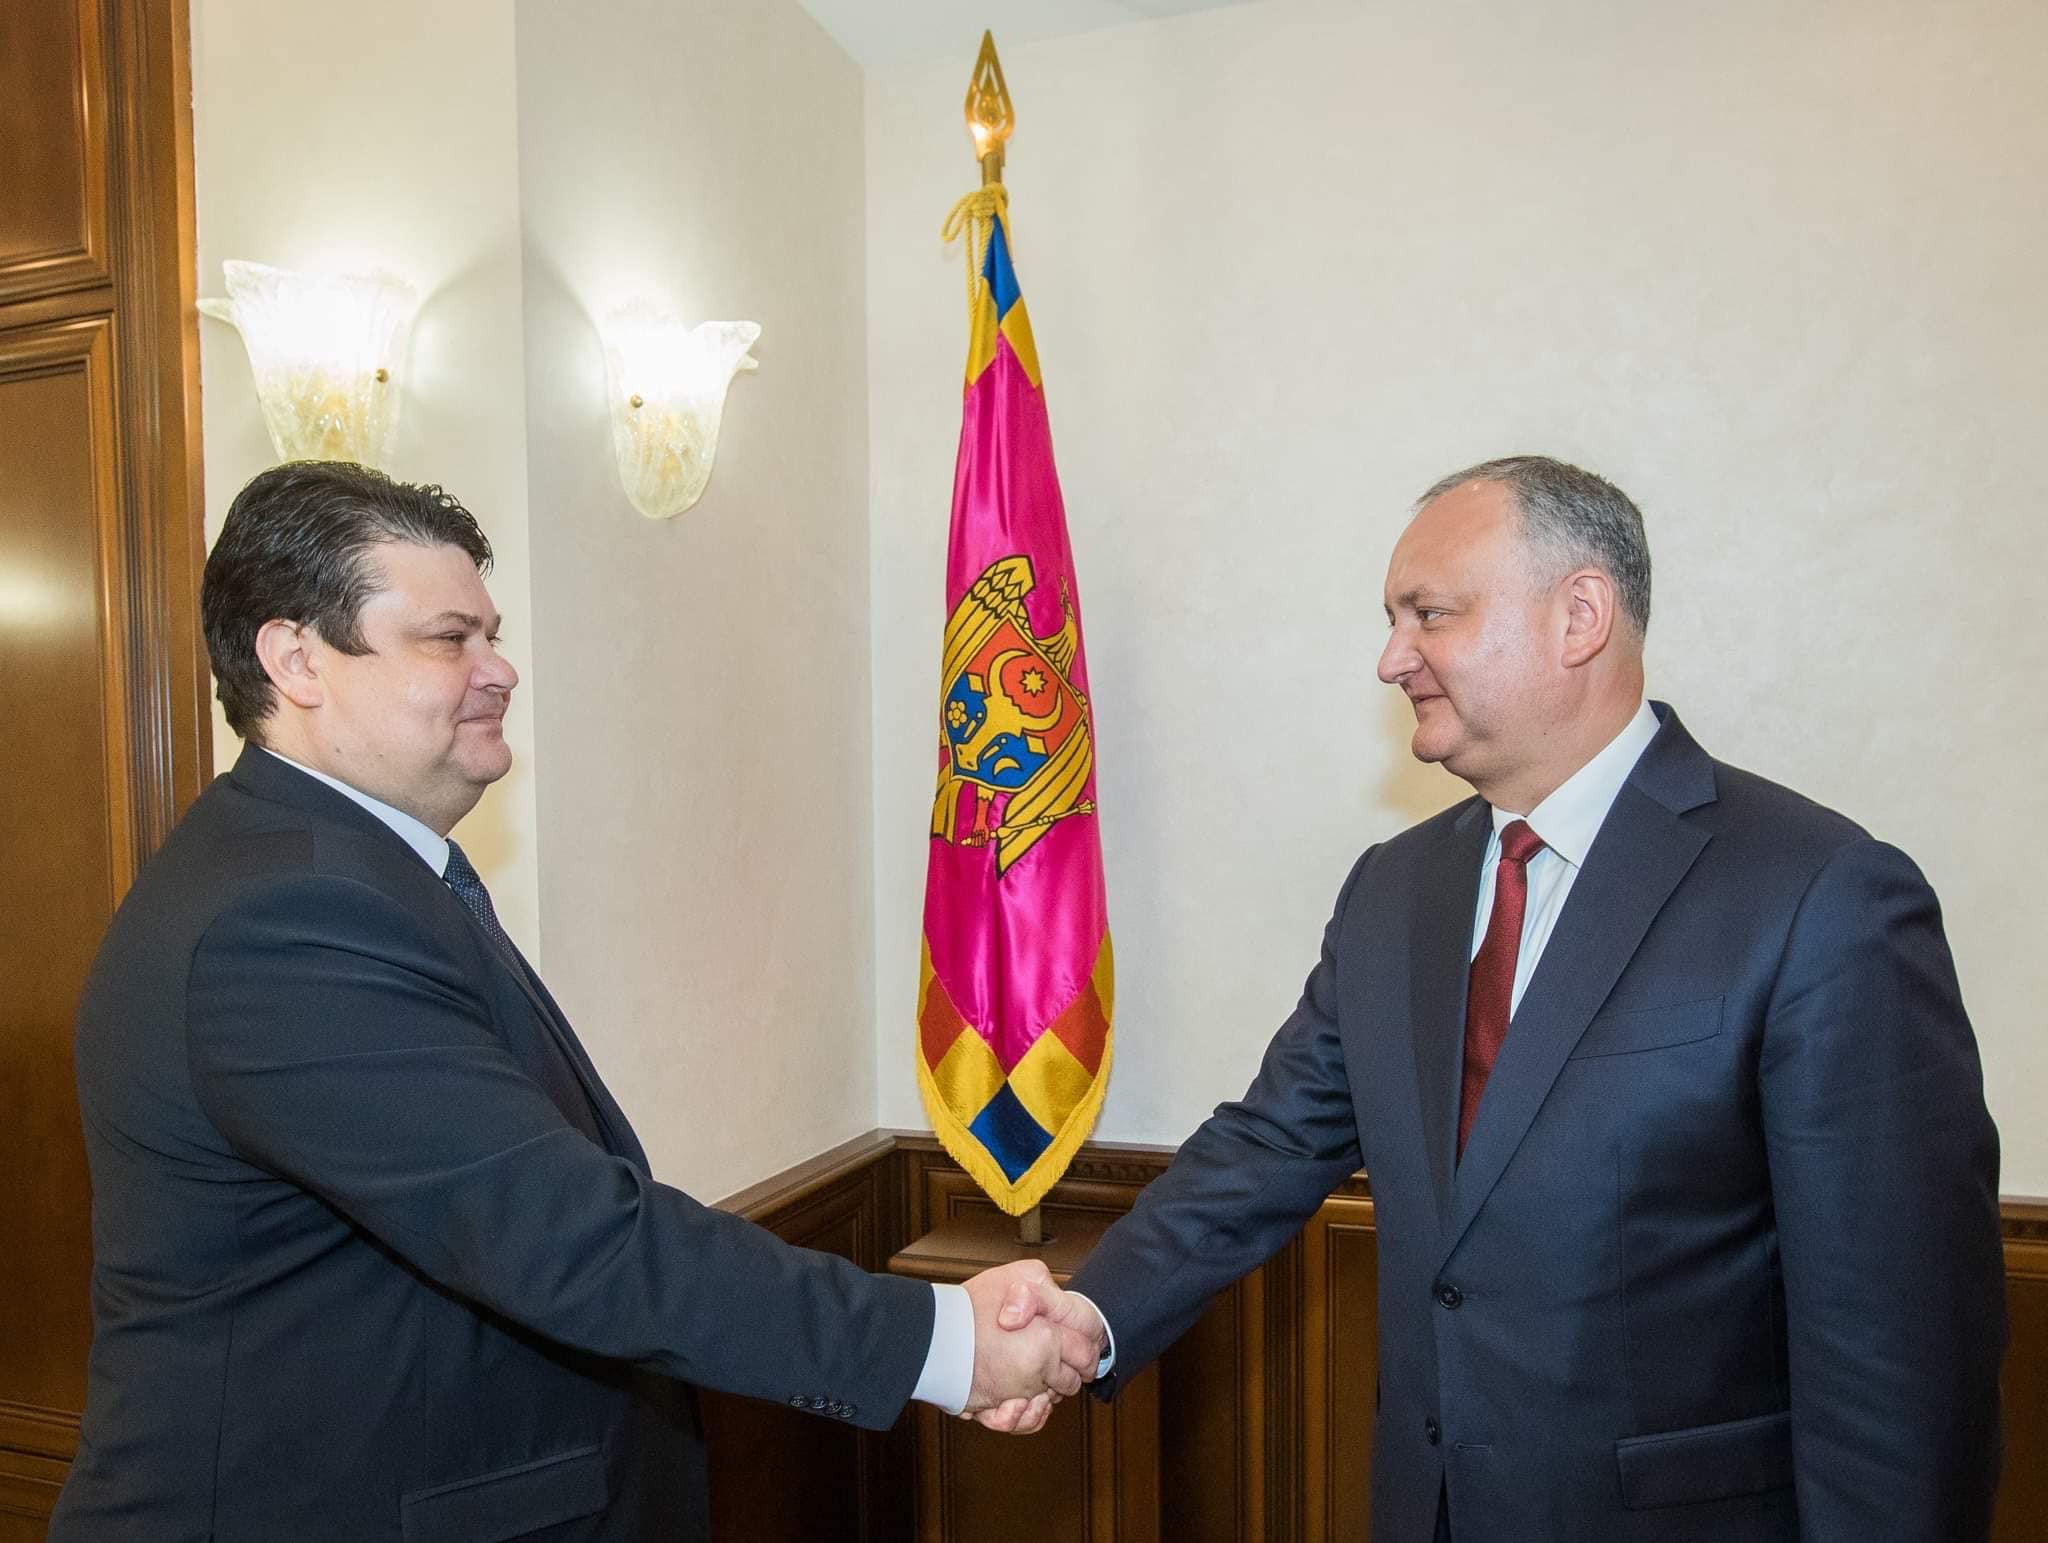 Додон встретился с послом Беларуси в Молдове (ВИДЕО, ФОТО)